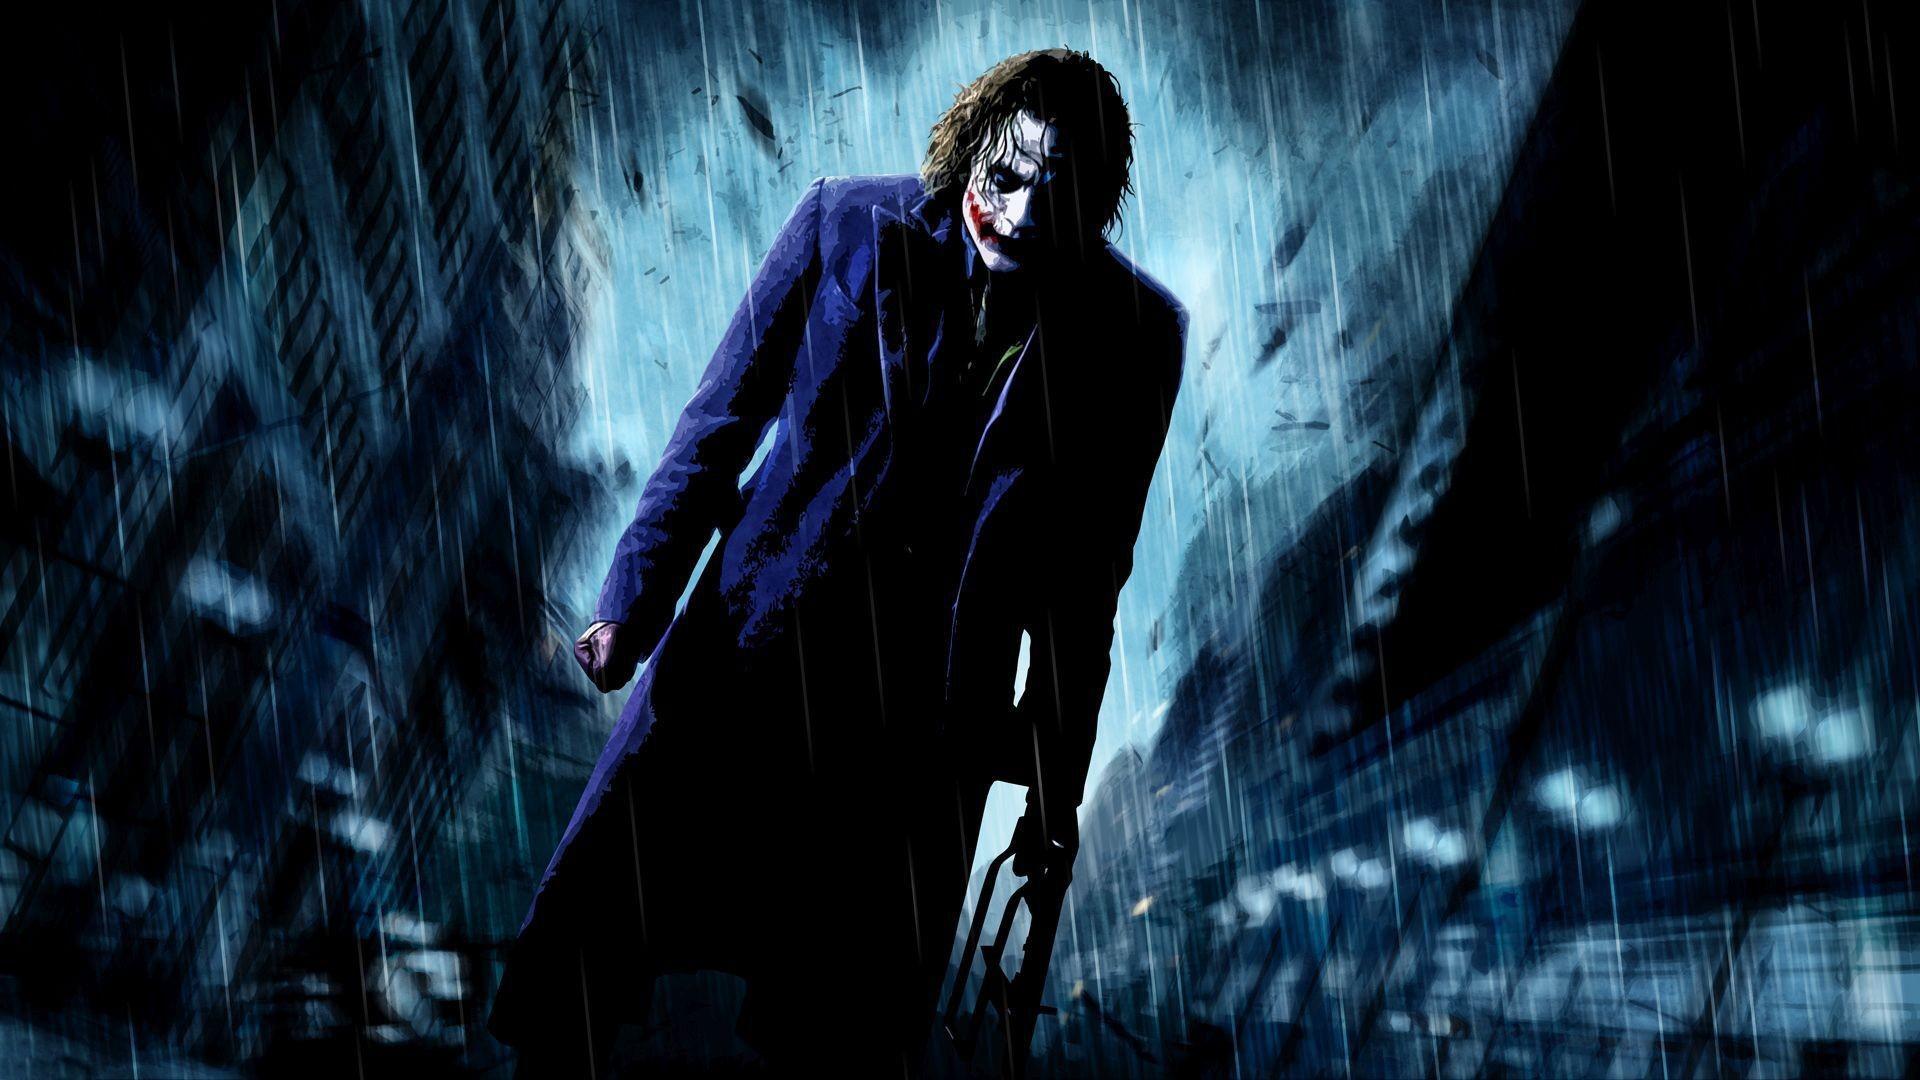 Joker Wallpaper Dark Knight – wallpaper.